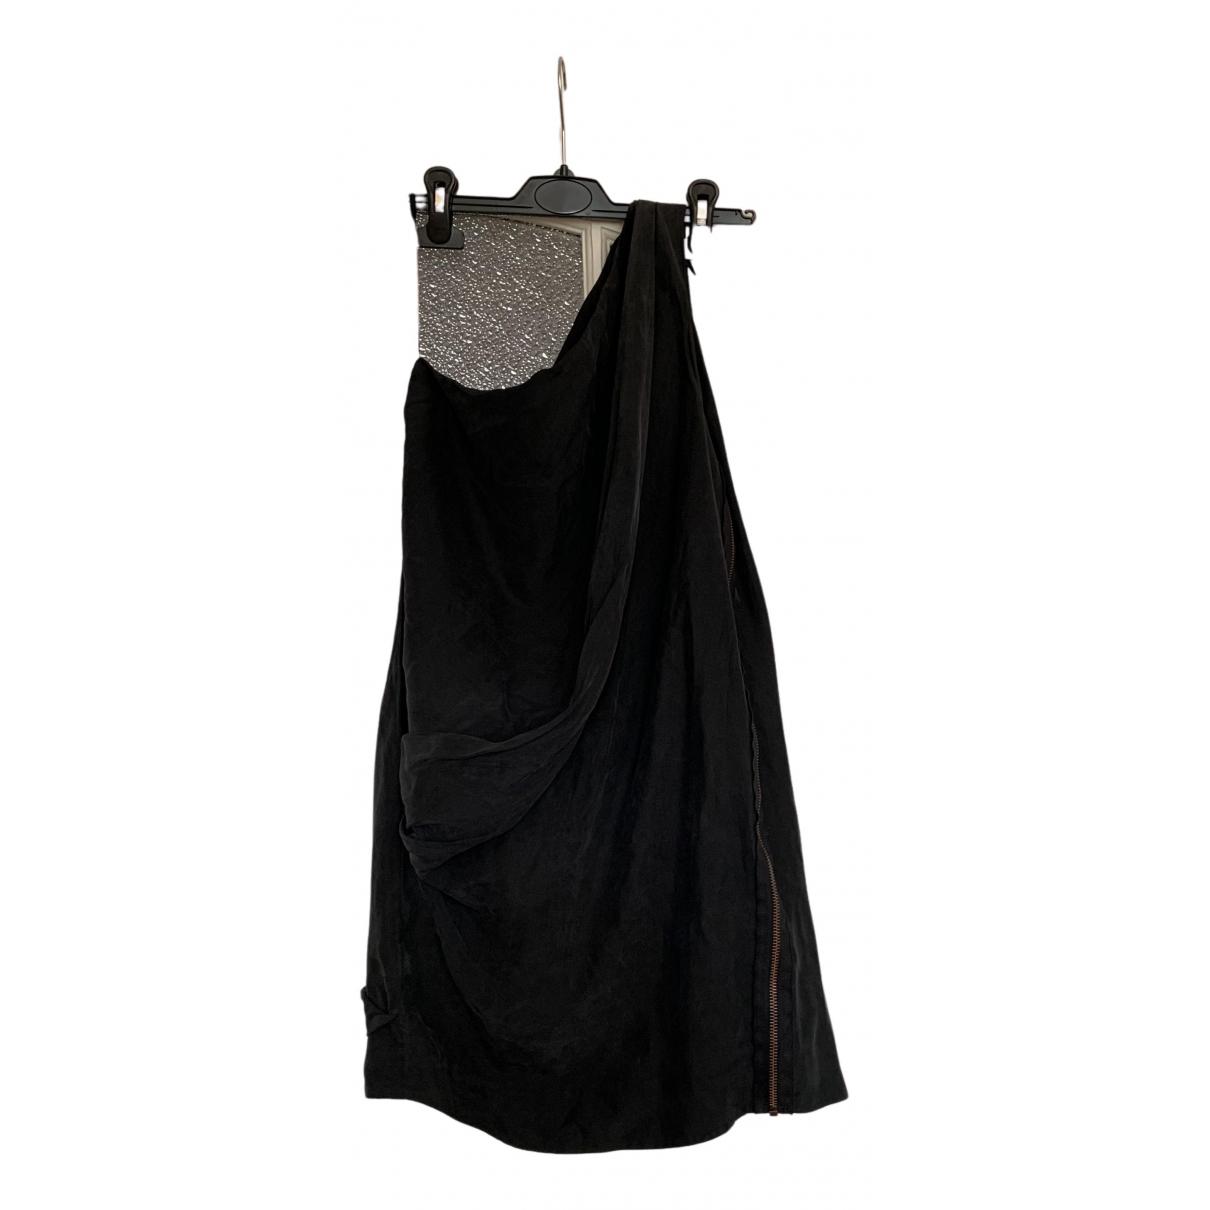 Acne Studios - Robe   pour femme en soie - anthracite